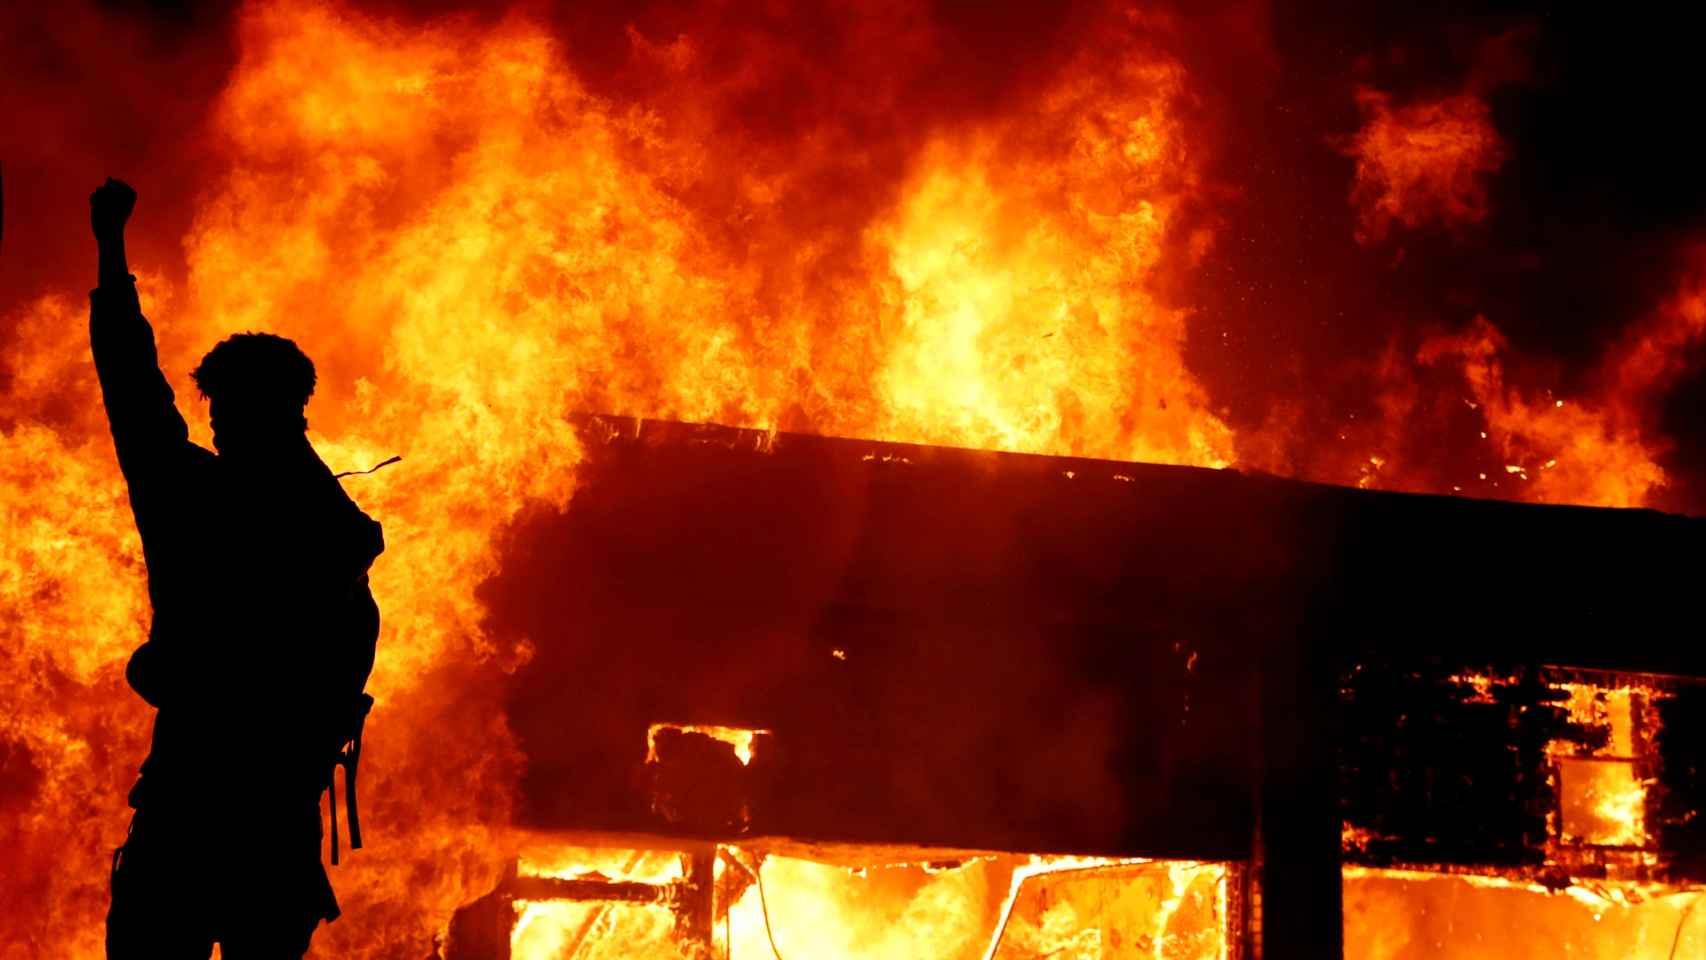 Un manifestante frente al incendio de un edificio en Minneapolis.